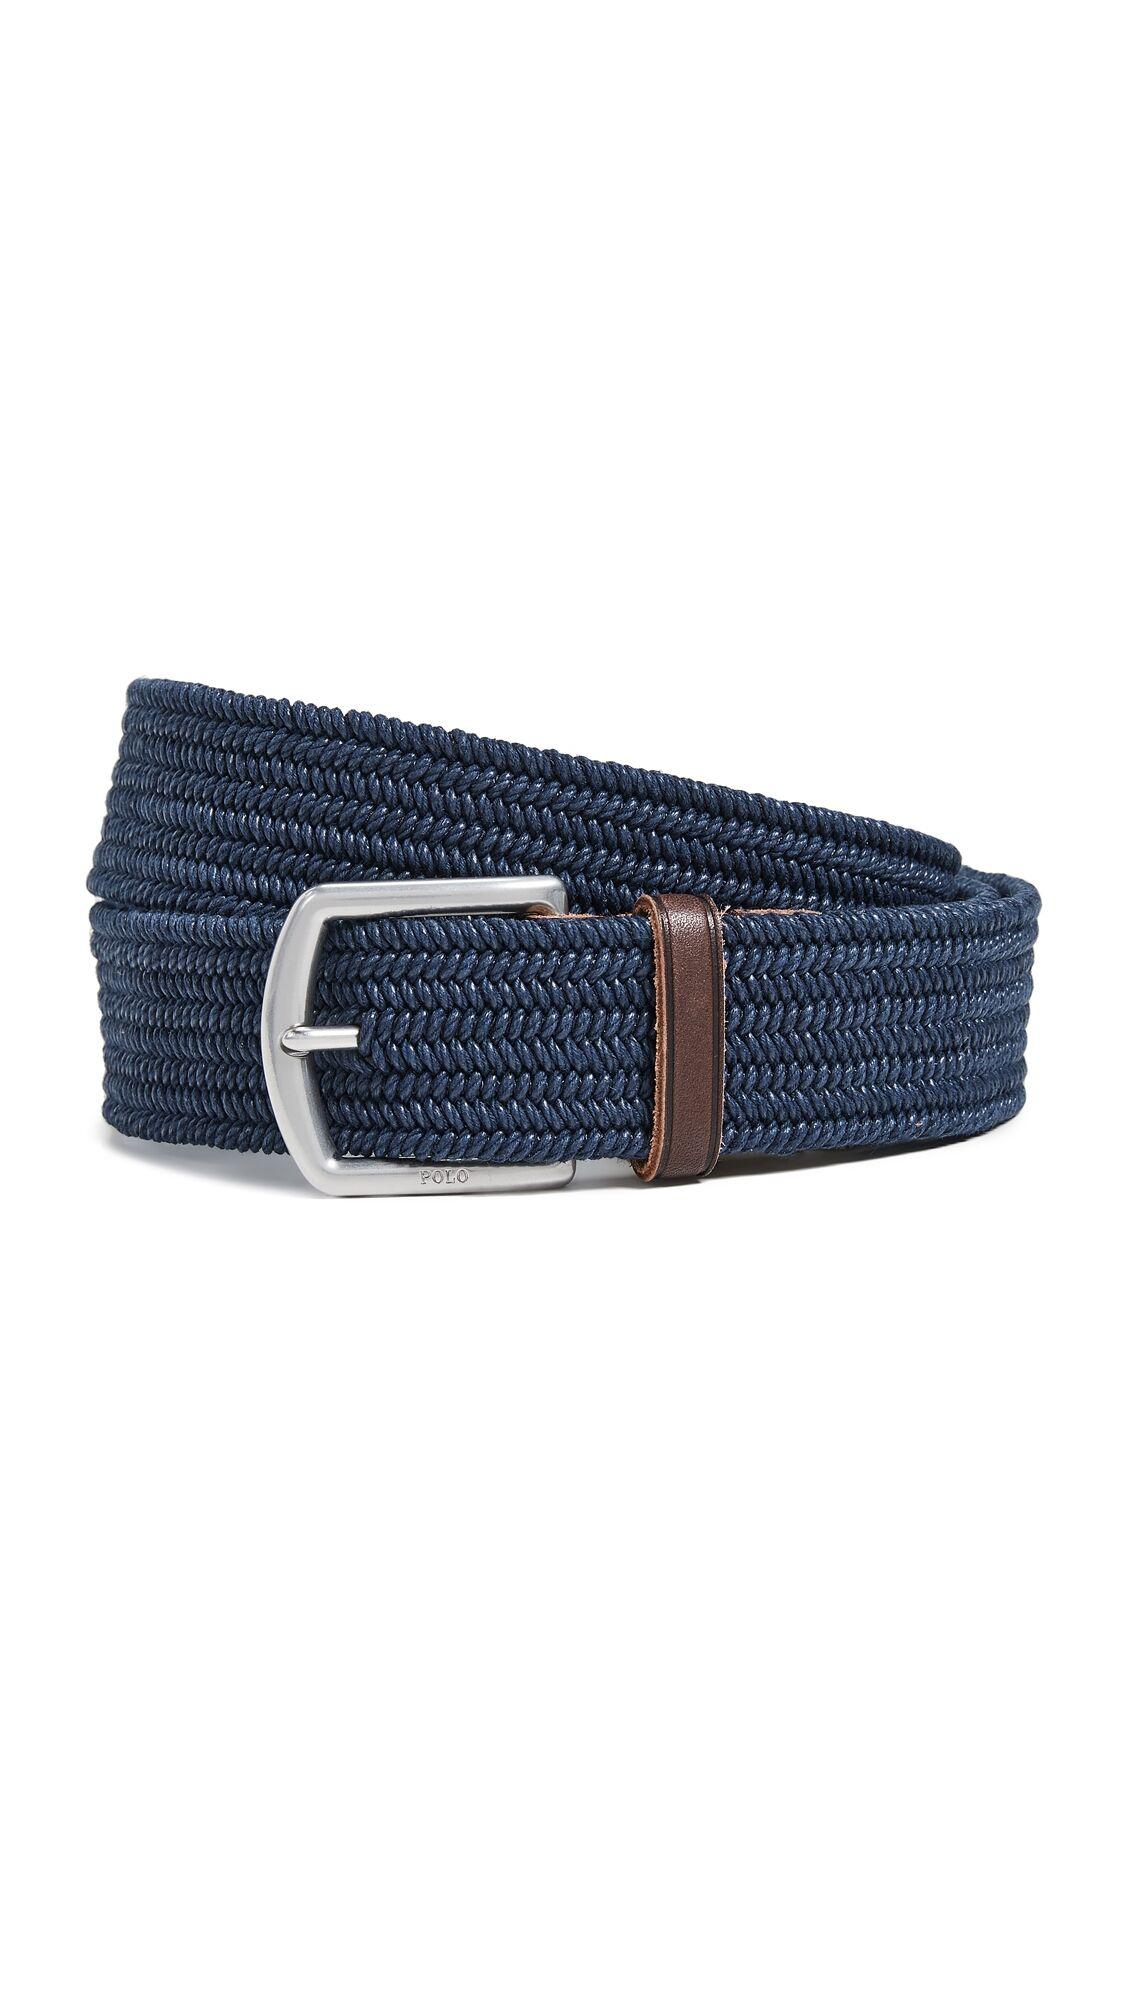 Ralph Lauren Polo Ralph Lauren 34mm Braided Stretch Belt - Navy - Size: XL